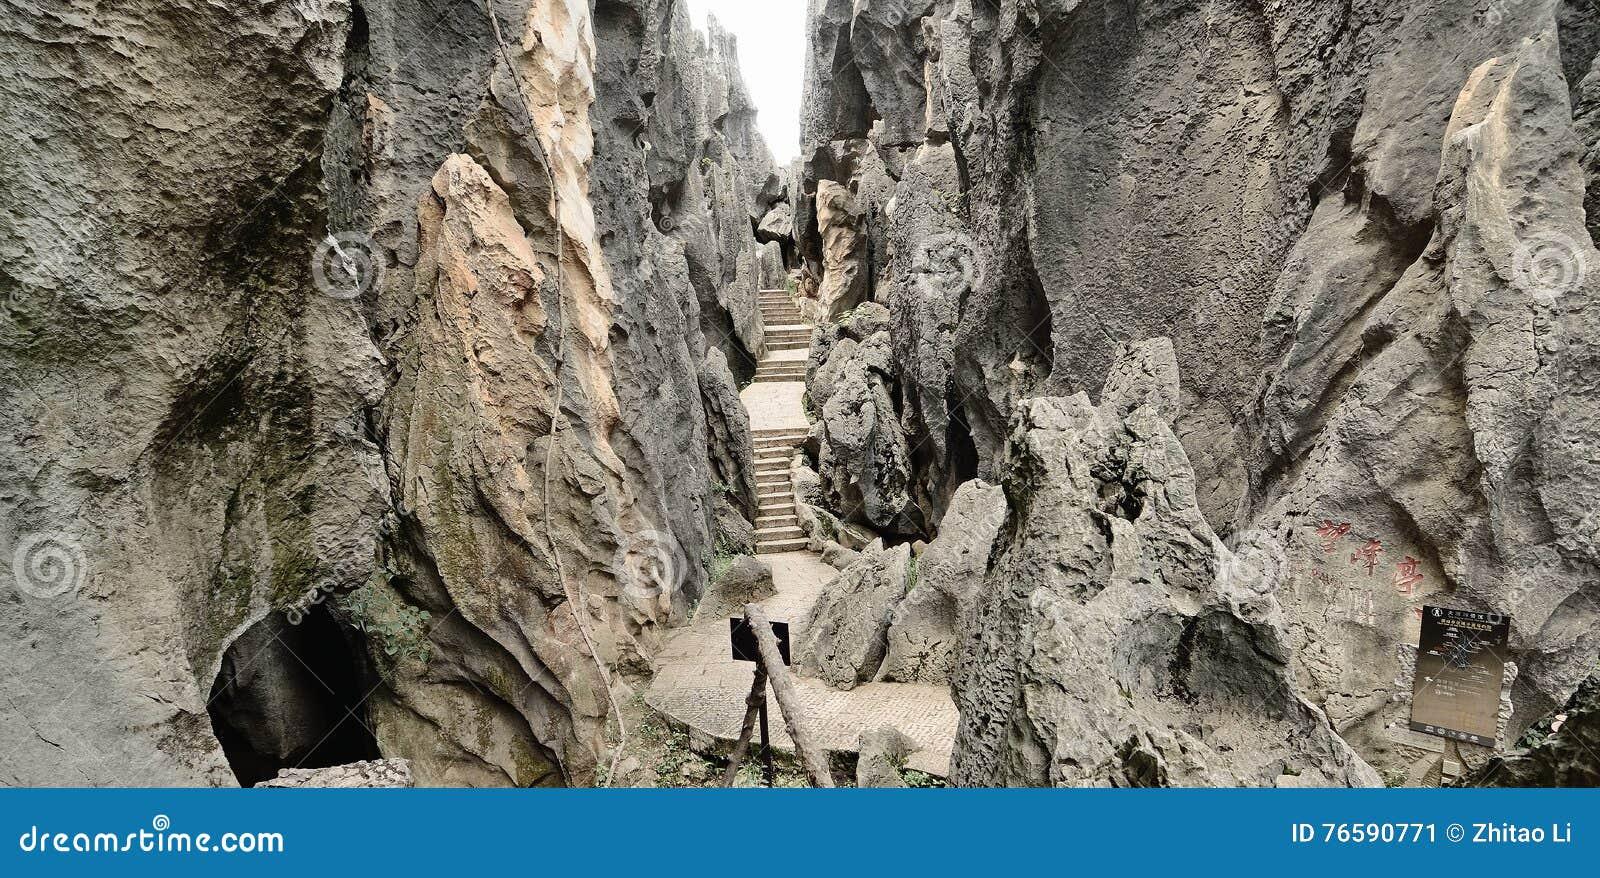 Canal do turista entre pedras na floresta de pedra